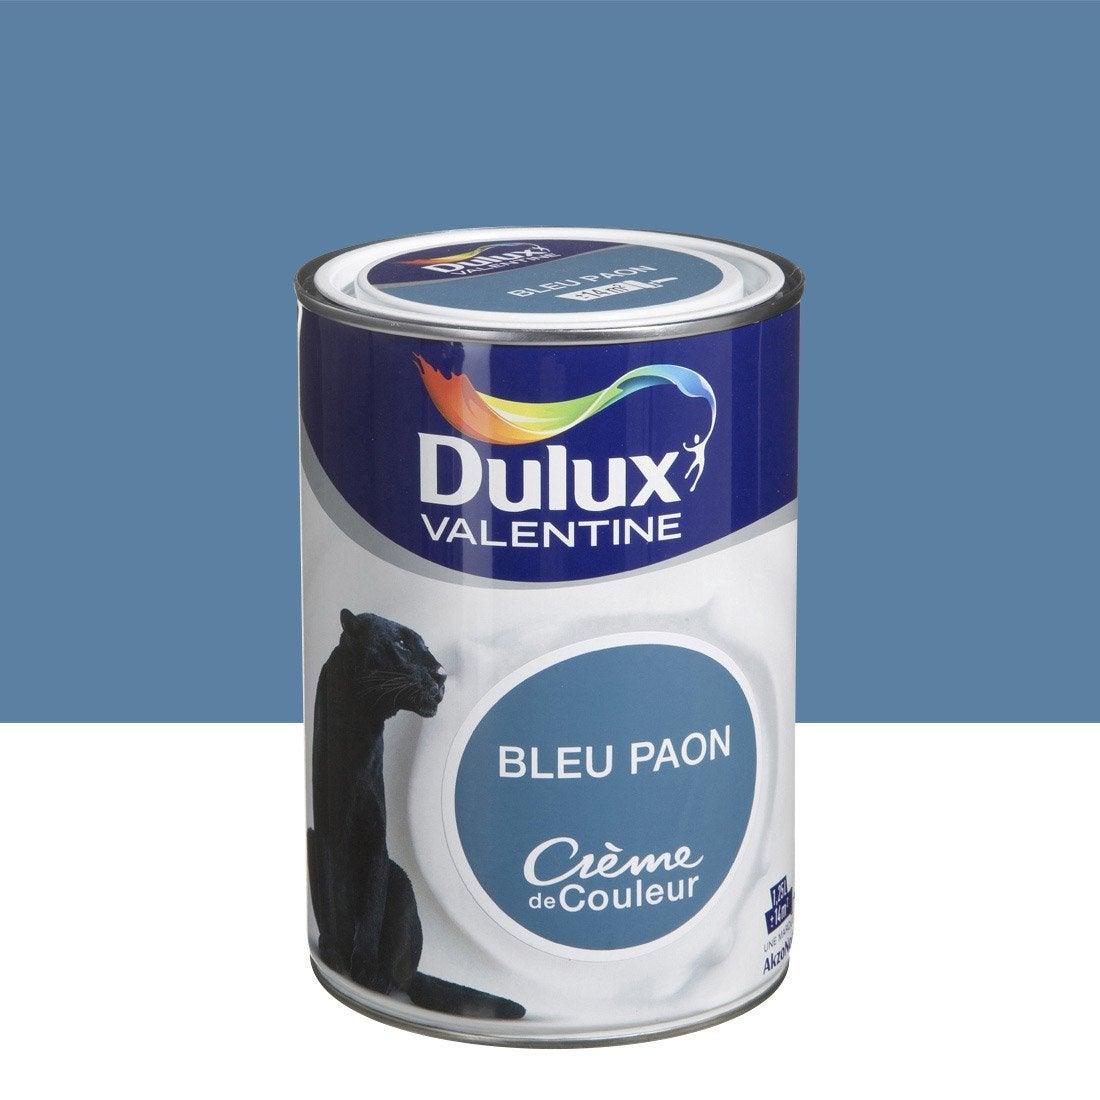 Peinture bleu paon dulux valentine cr me de couleur l for Dulux valentine cuisine et bain